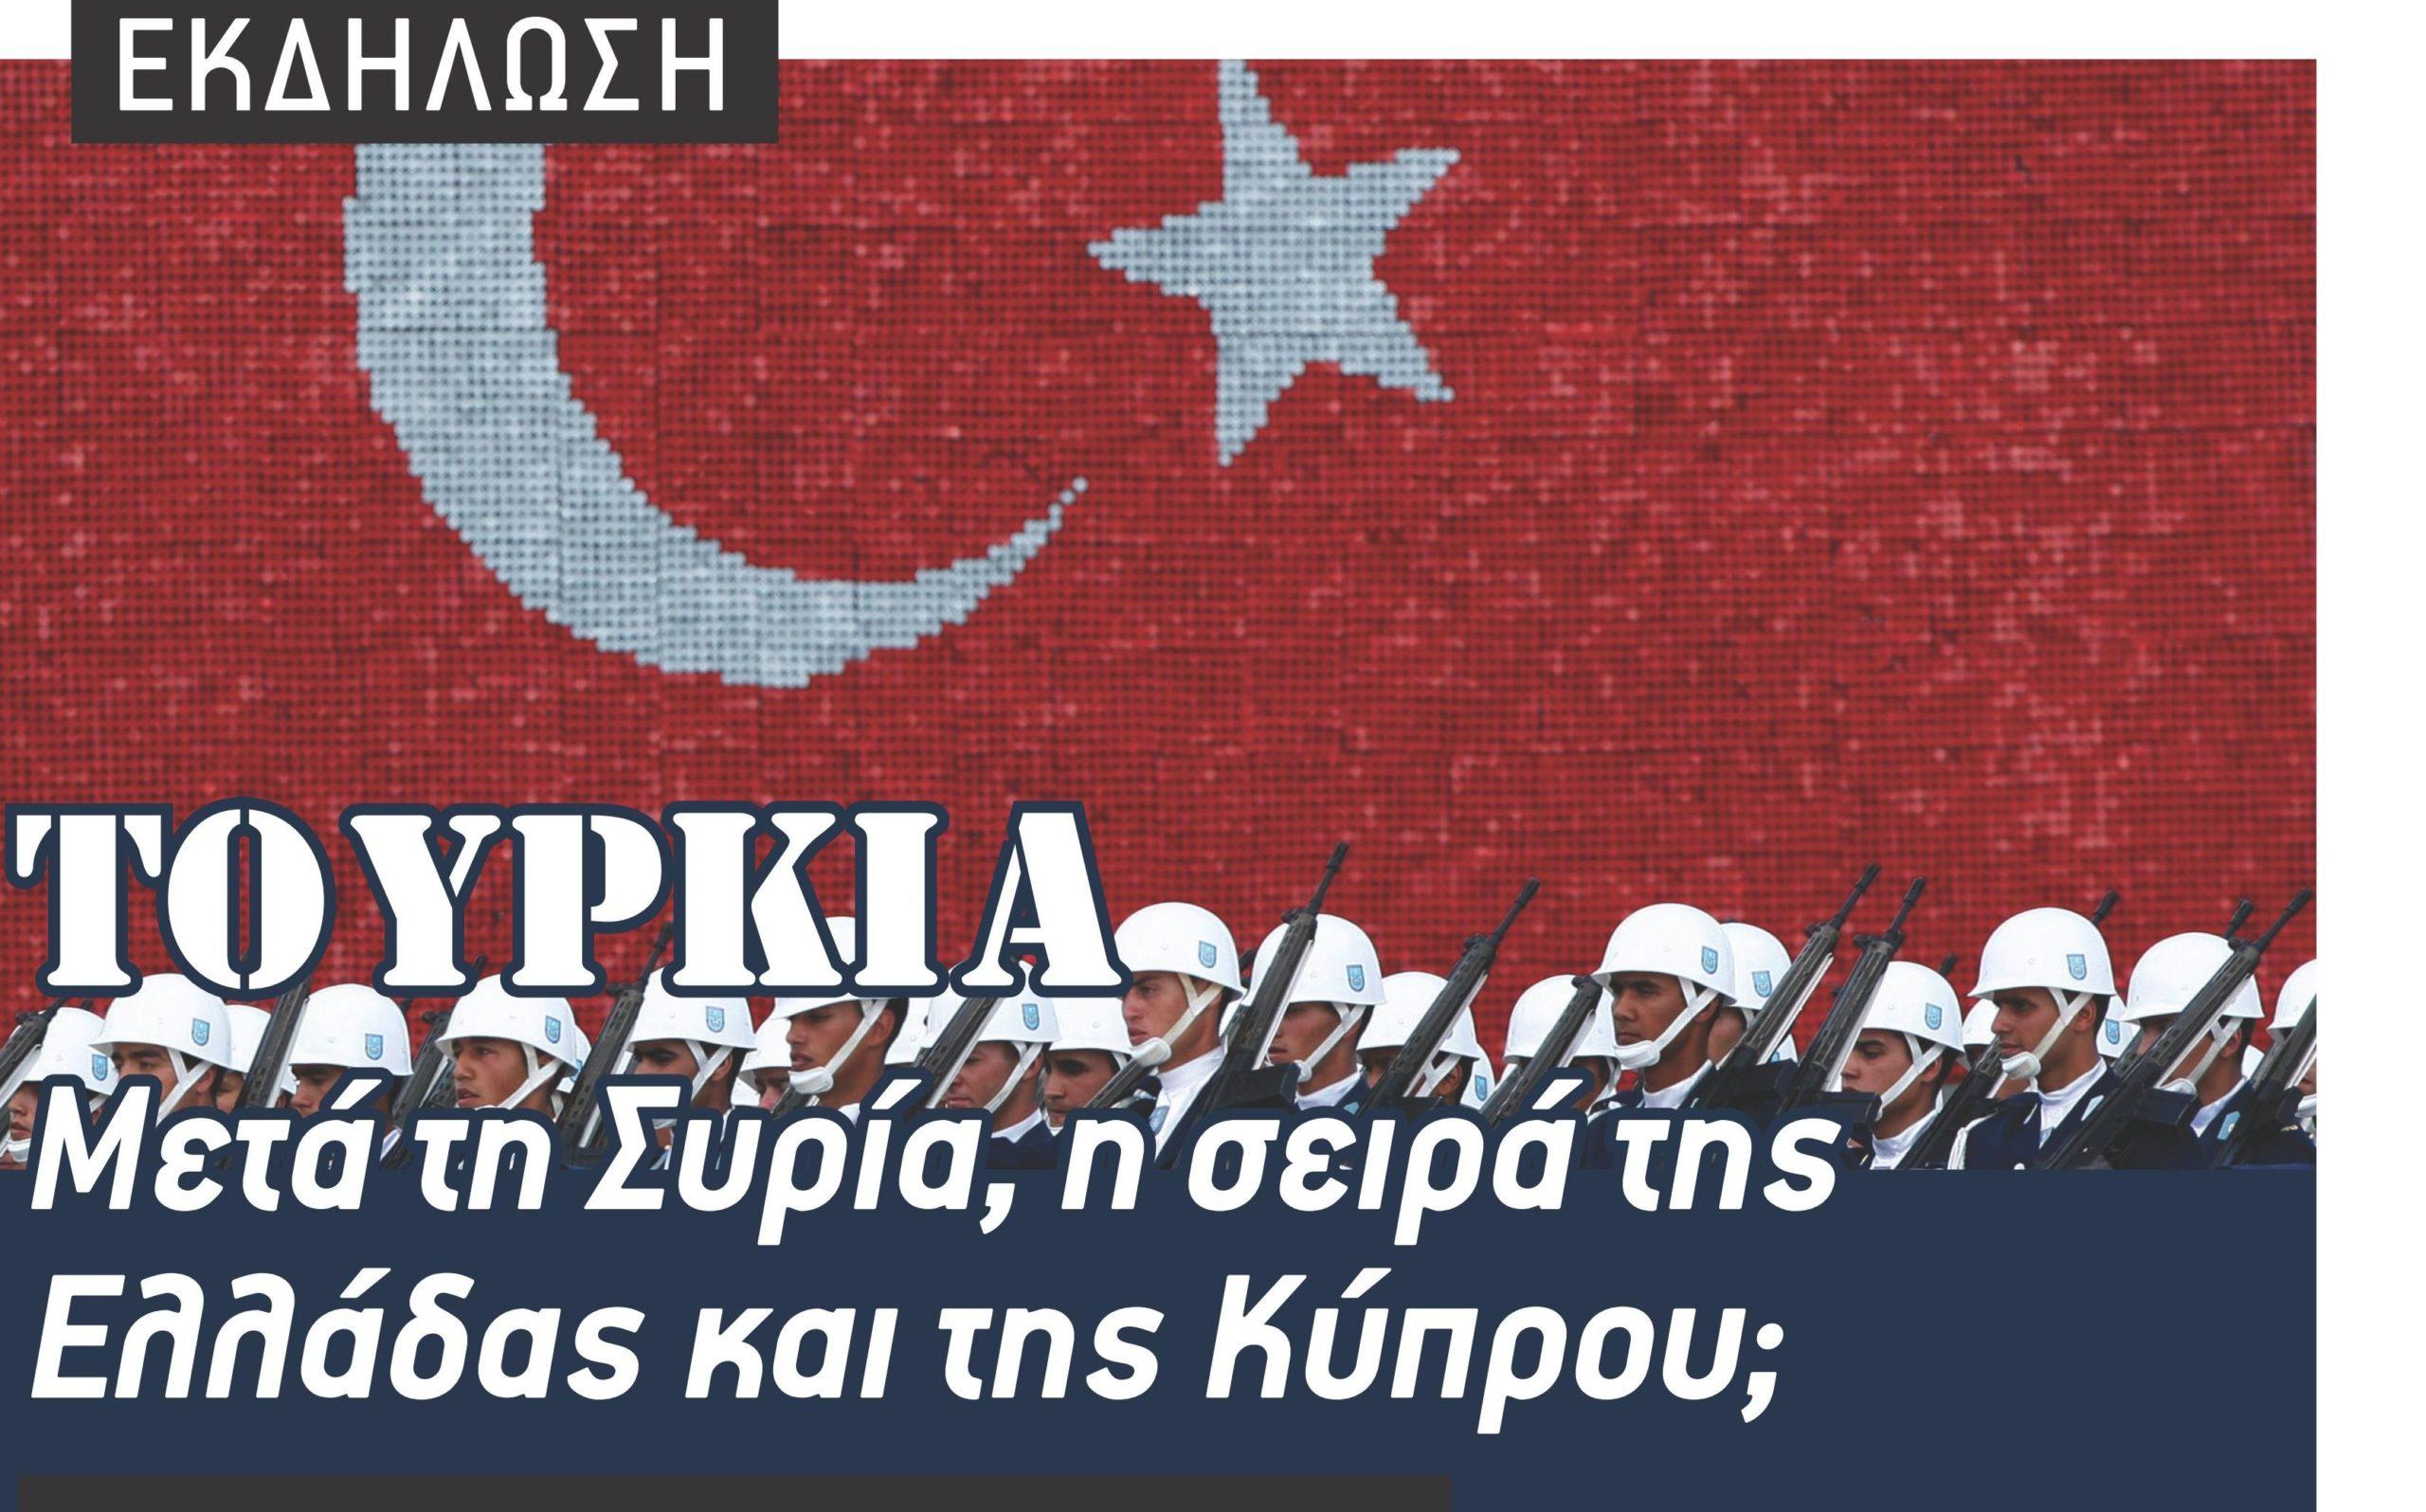 «Μετά την Συρία, η σειρά της Ελλάδας και της Κύπρου…;» (Vid)